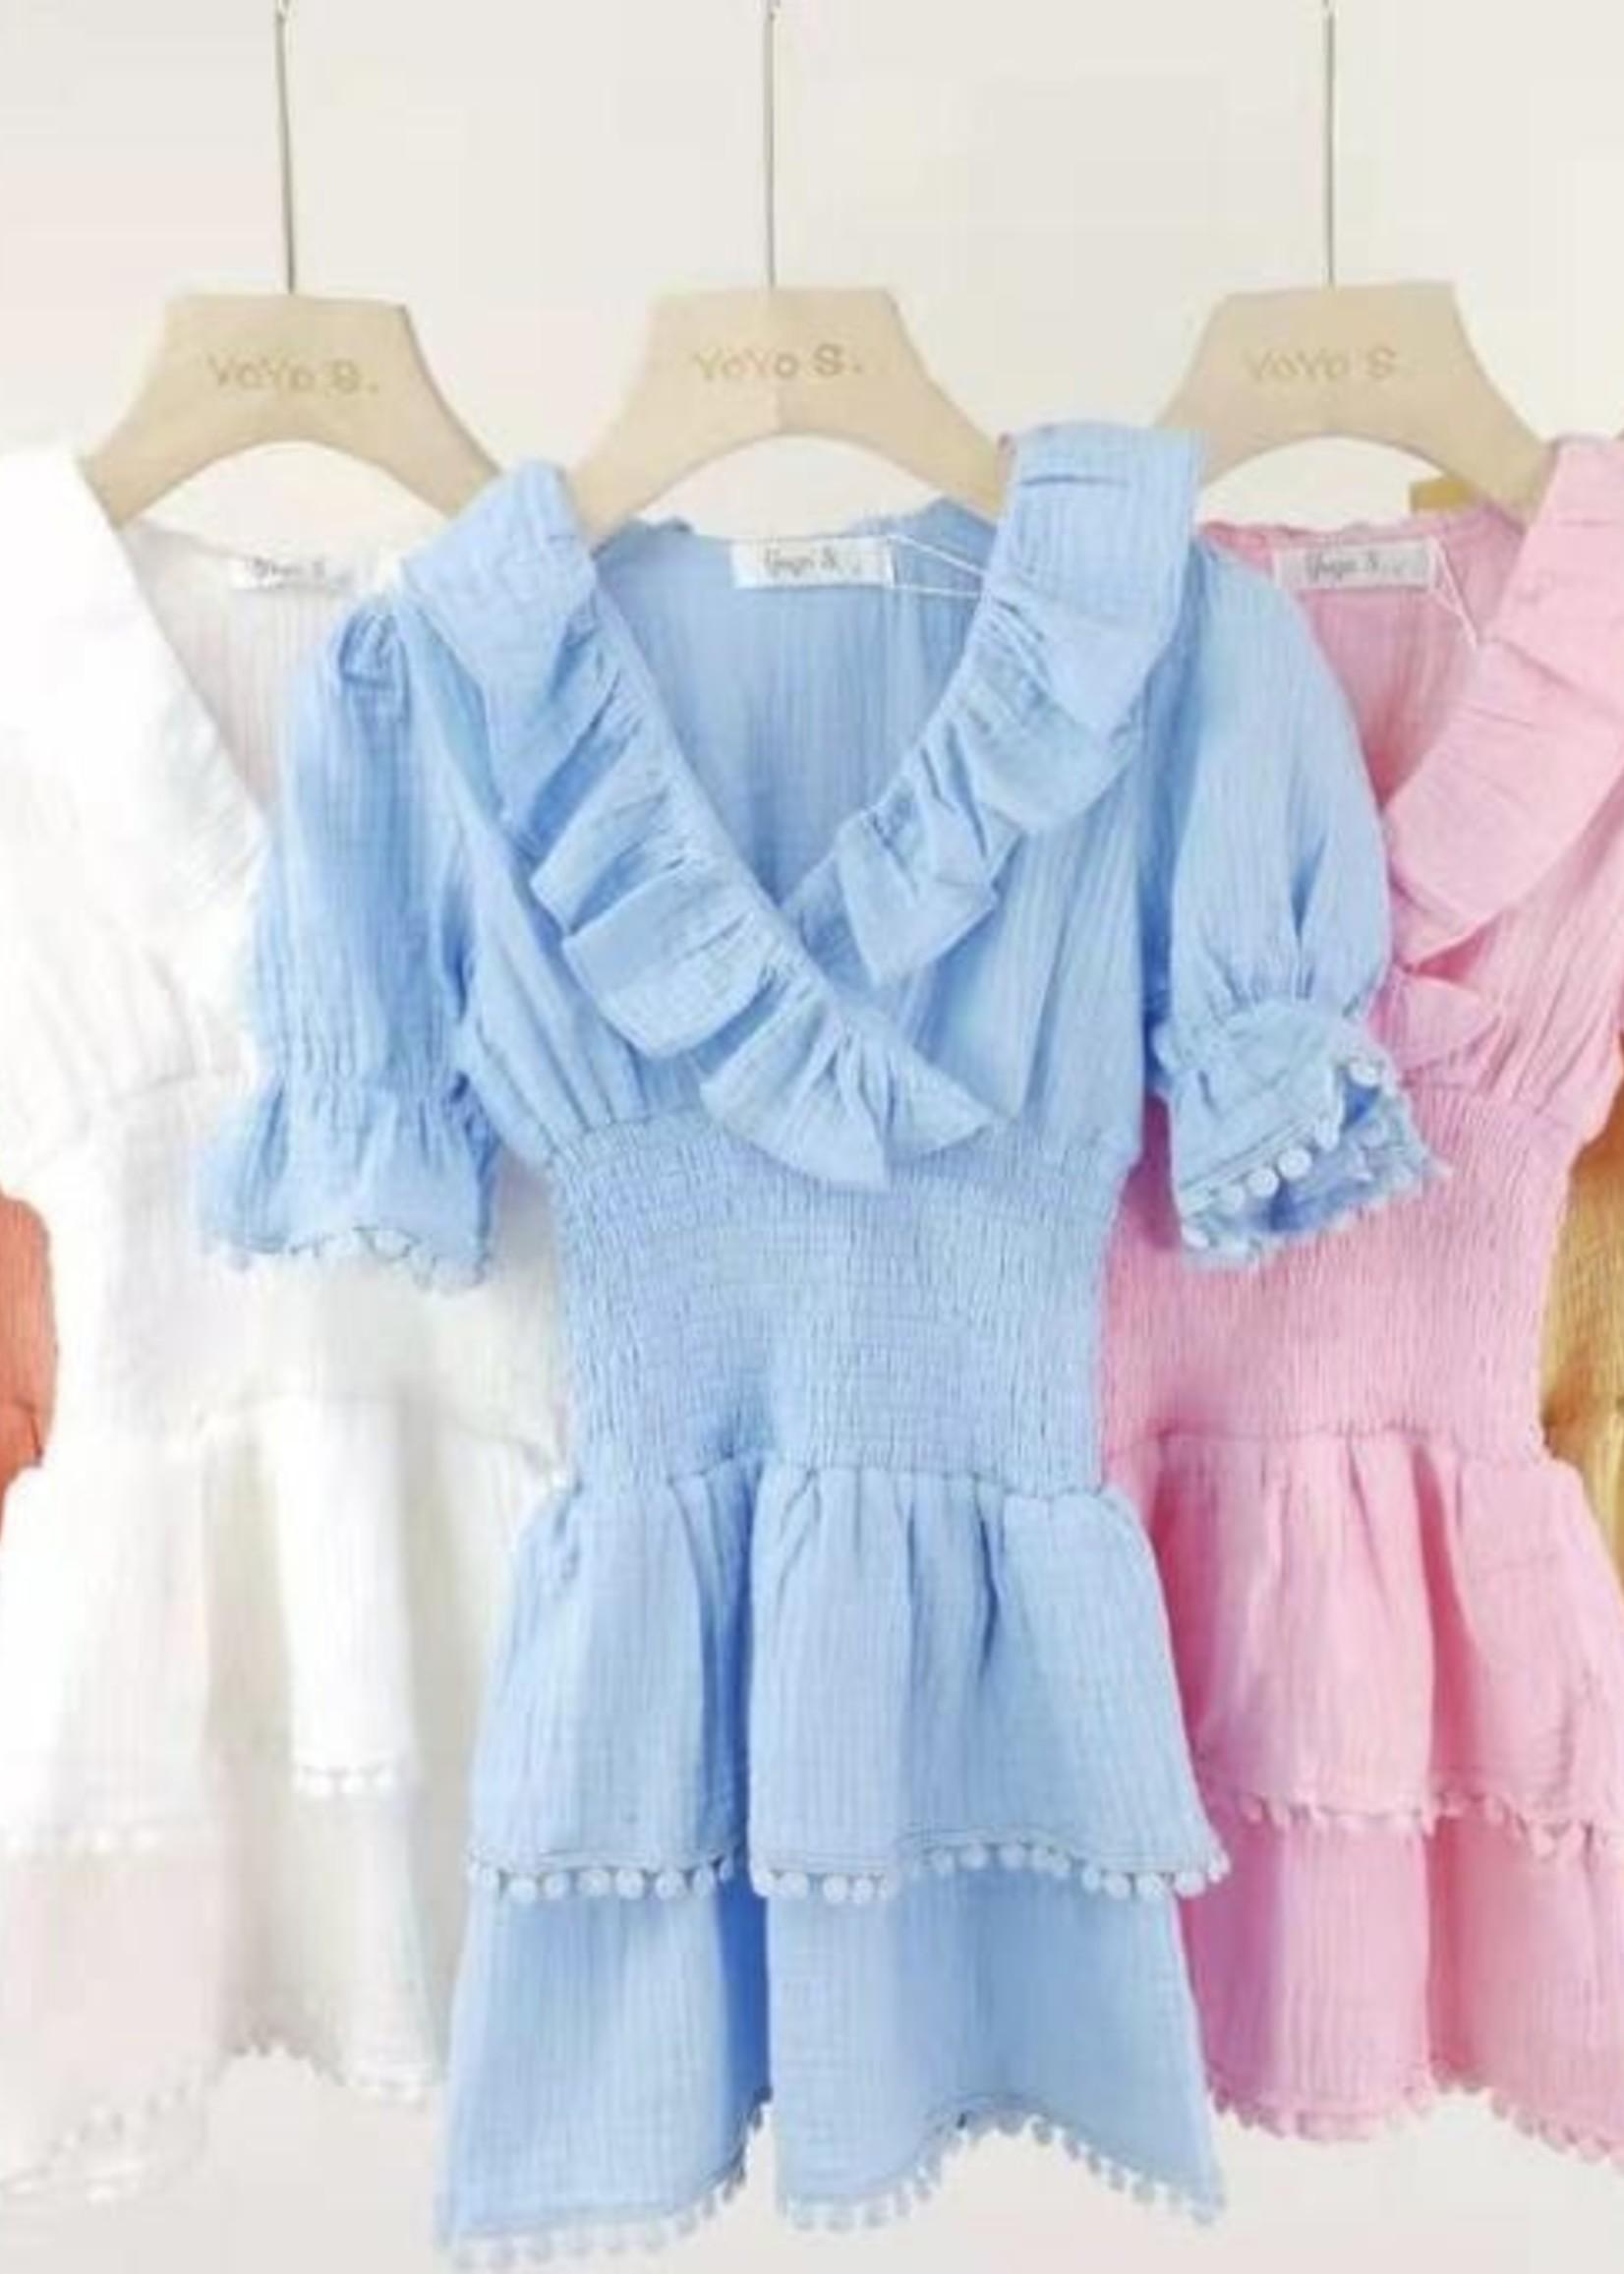 Divanis Divanis cute dress blauw